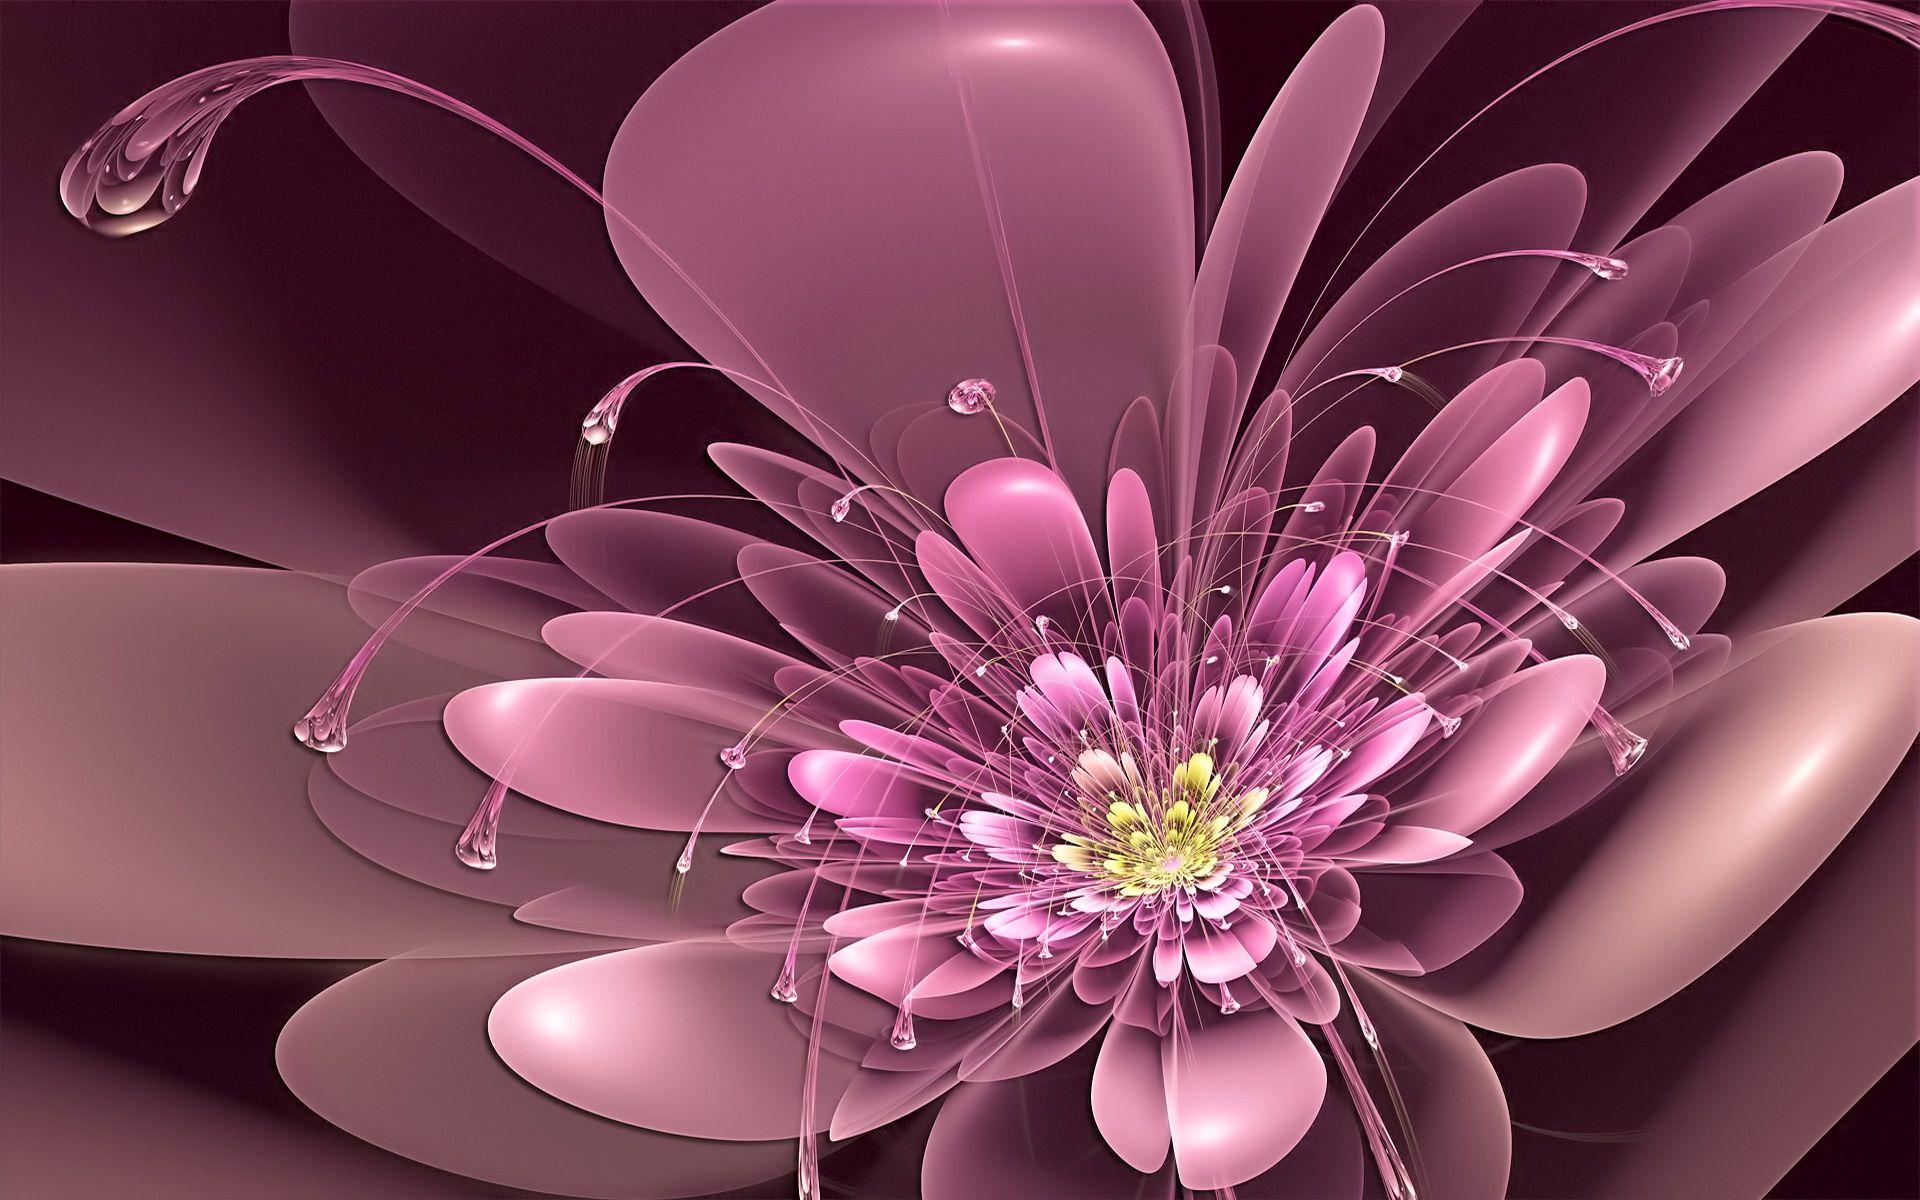 papel de parede de corações com flores - Pesquisa Google